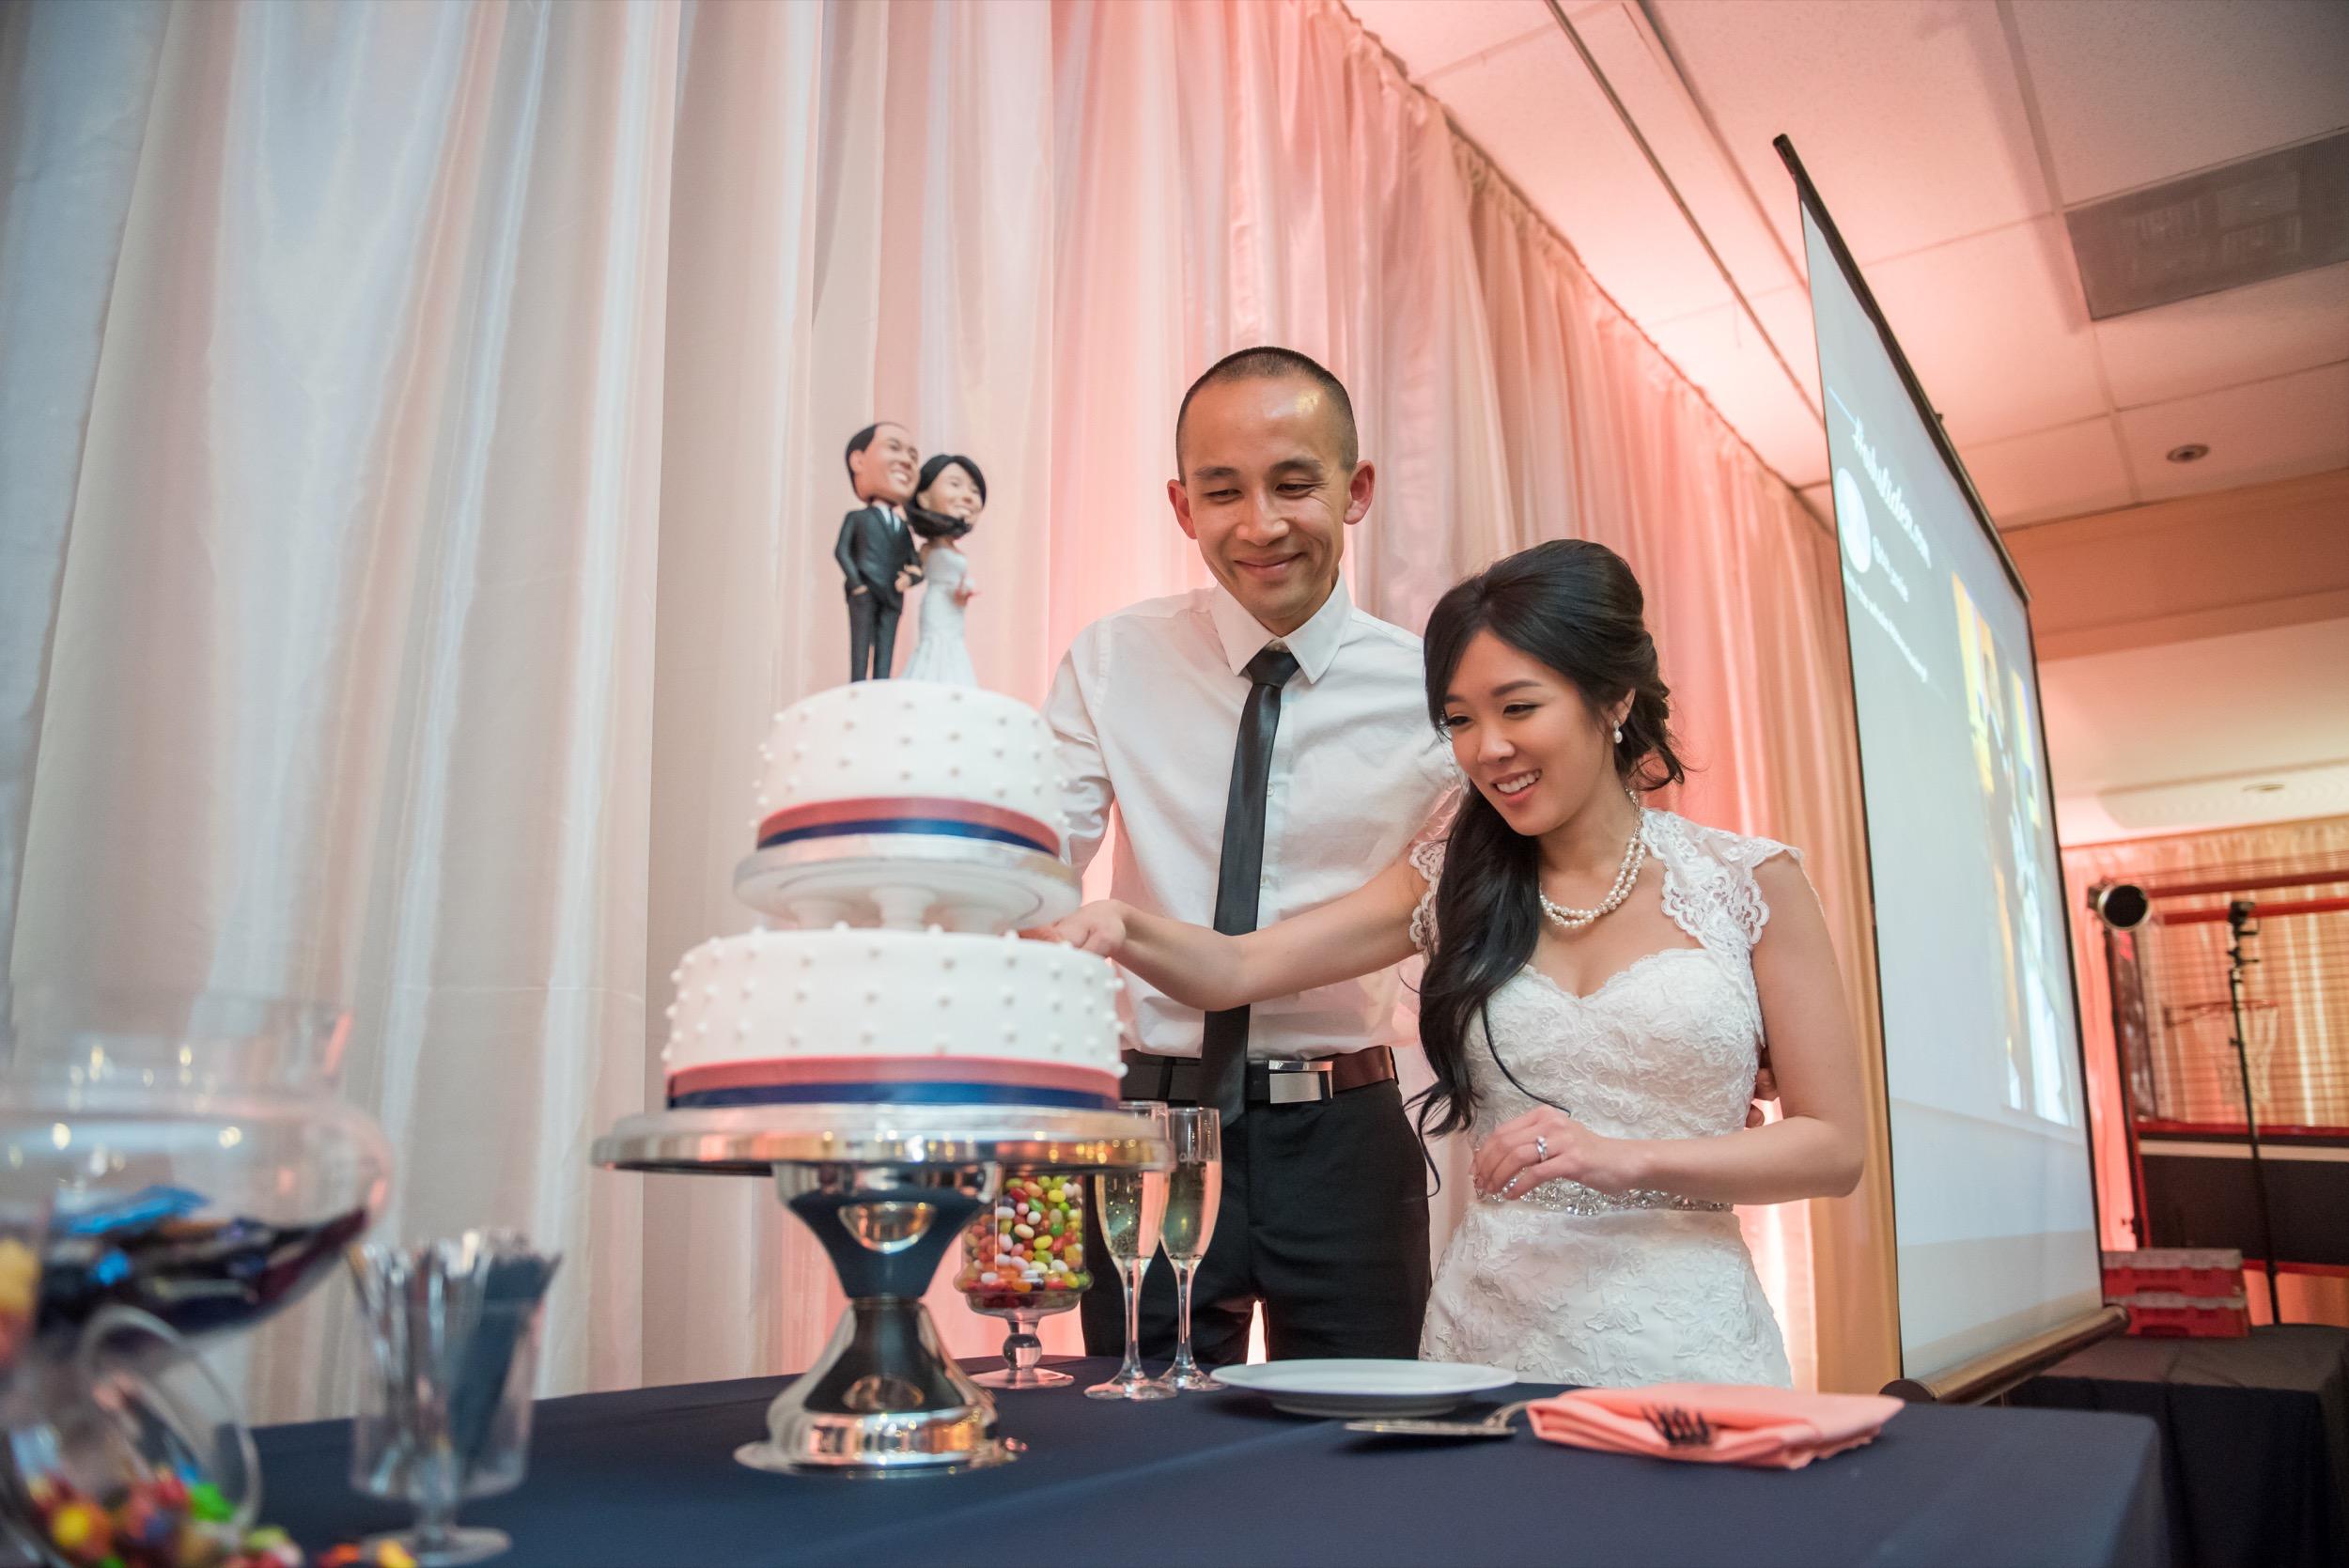 A&D-Wedding-369.jpg